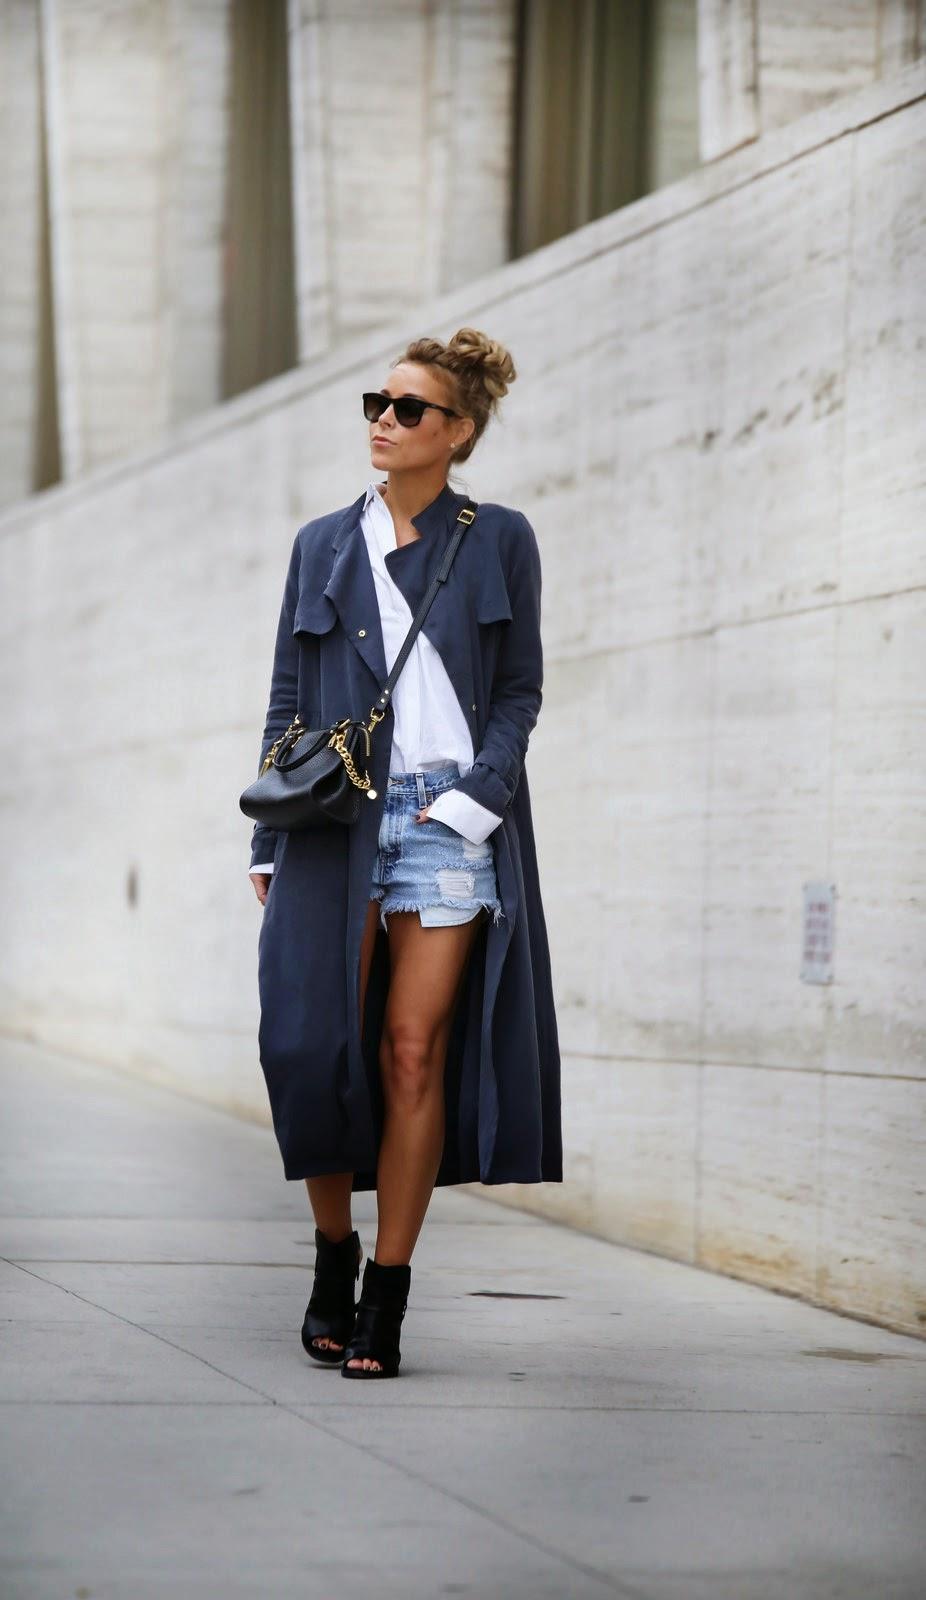 Pantalones Cortos en días Frios